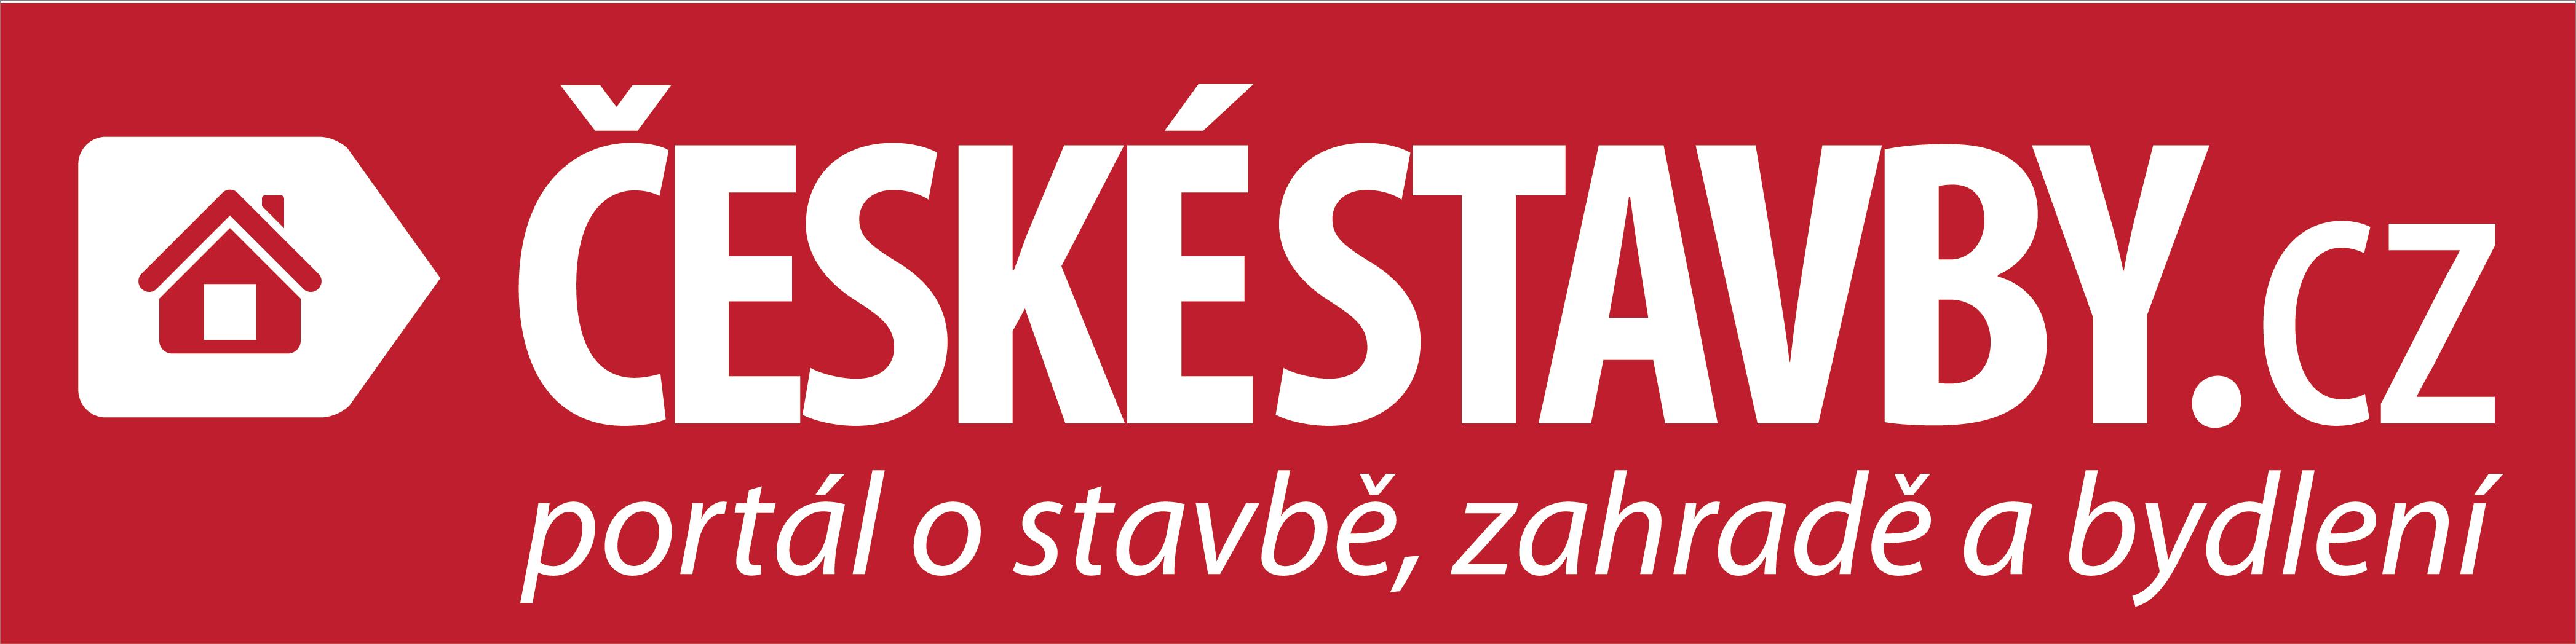 ceskestavby.cz